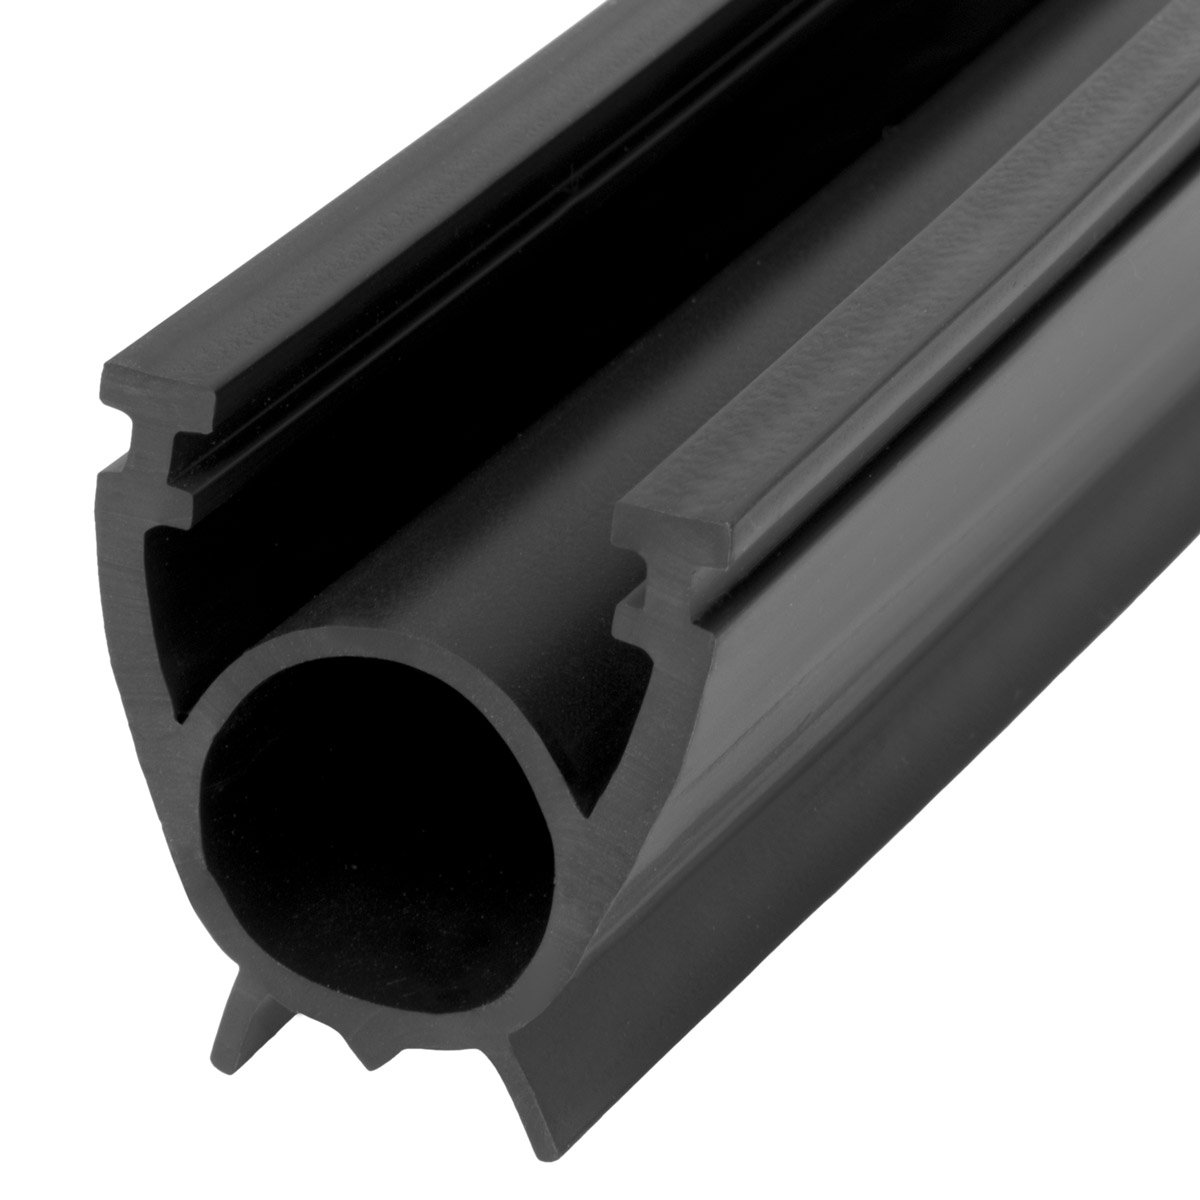 STEIGNER Garage Door Weather Seal SBD01 Garage Gate Seal Insulation, Black, 33x41 mm, 5 m